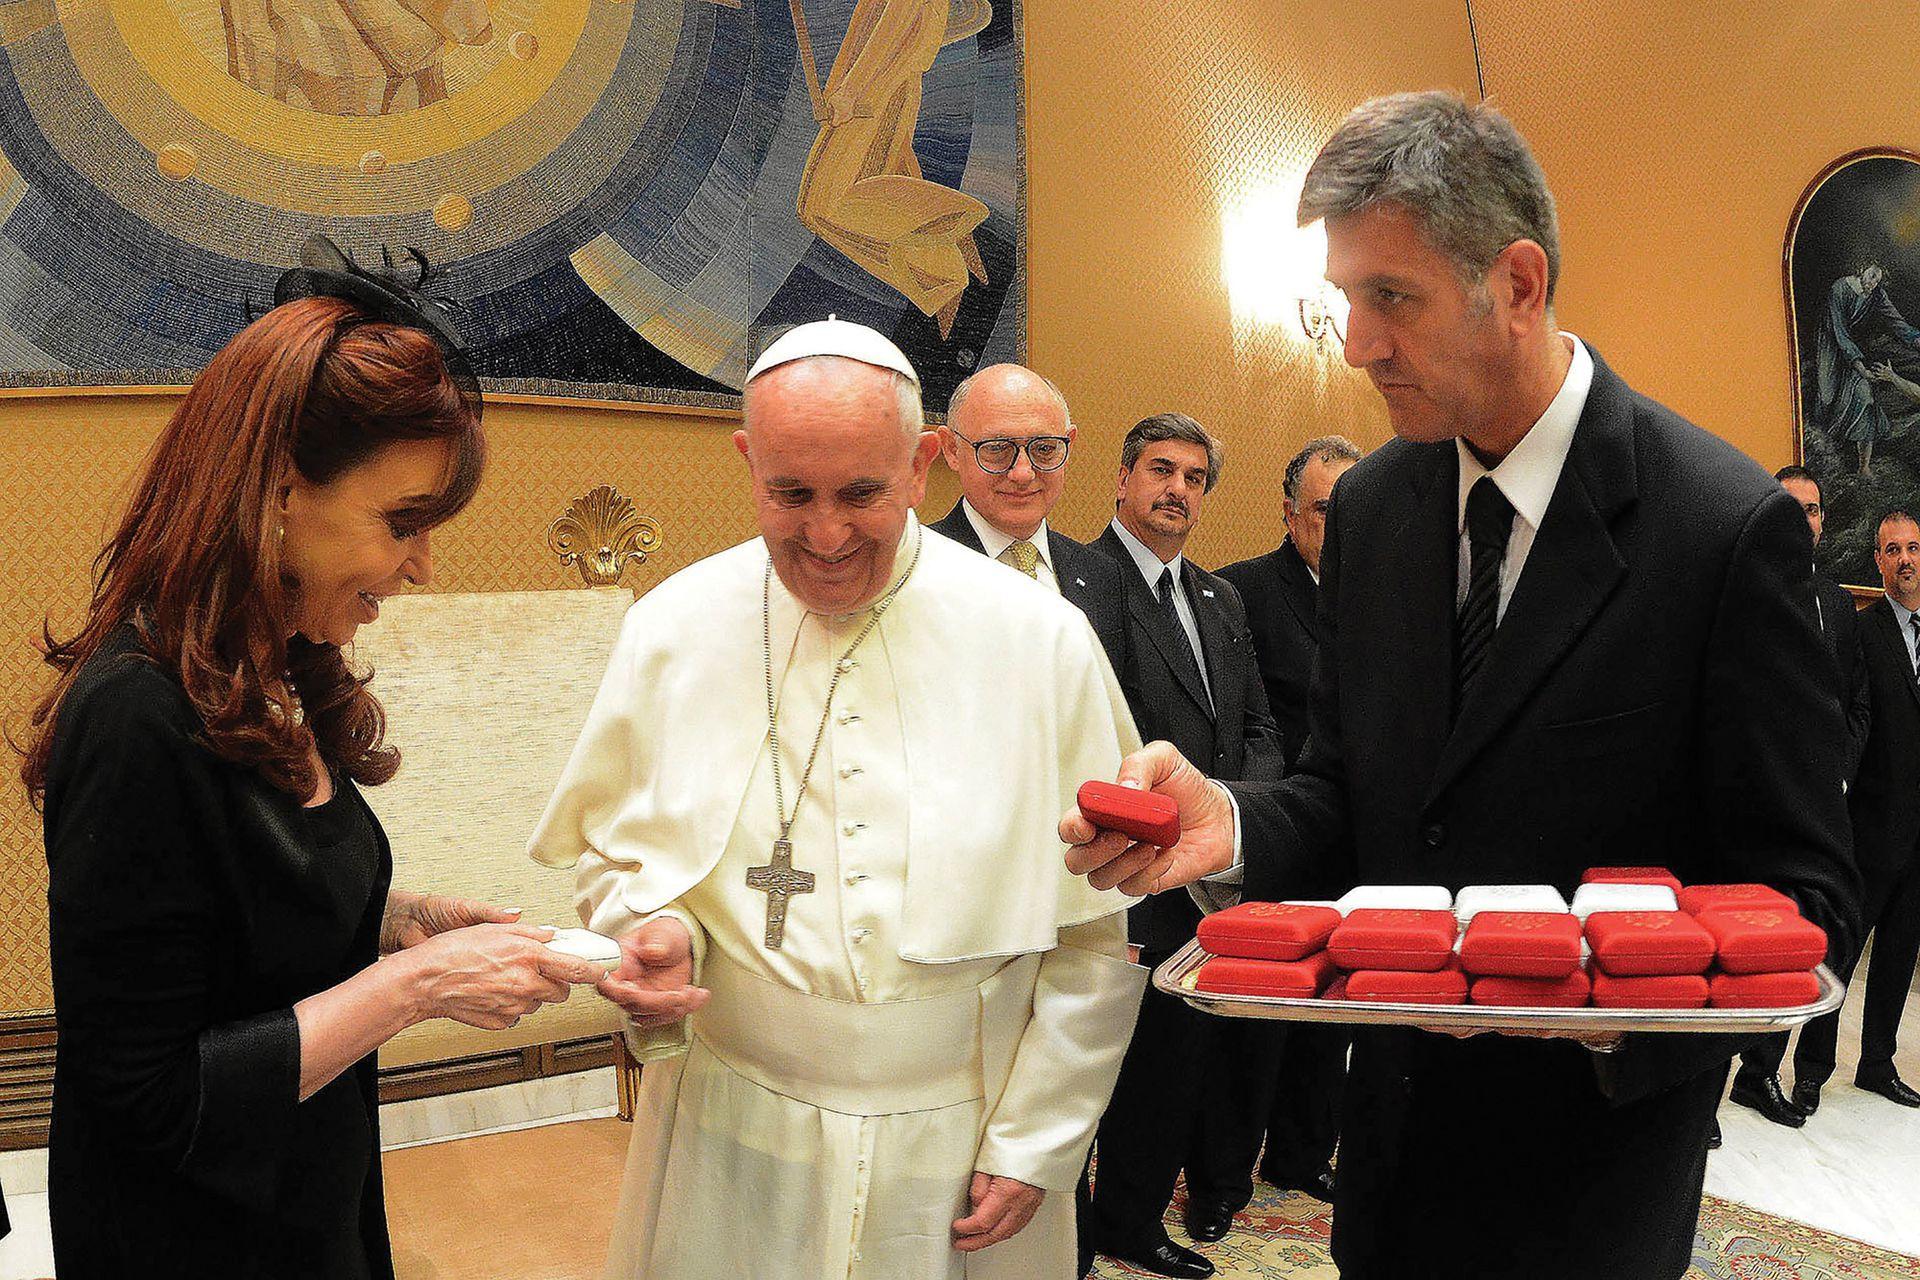 Visita oficial de Cristina Fernández de Kirchner, como presidenta, al papa Francisco, en 2015